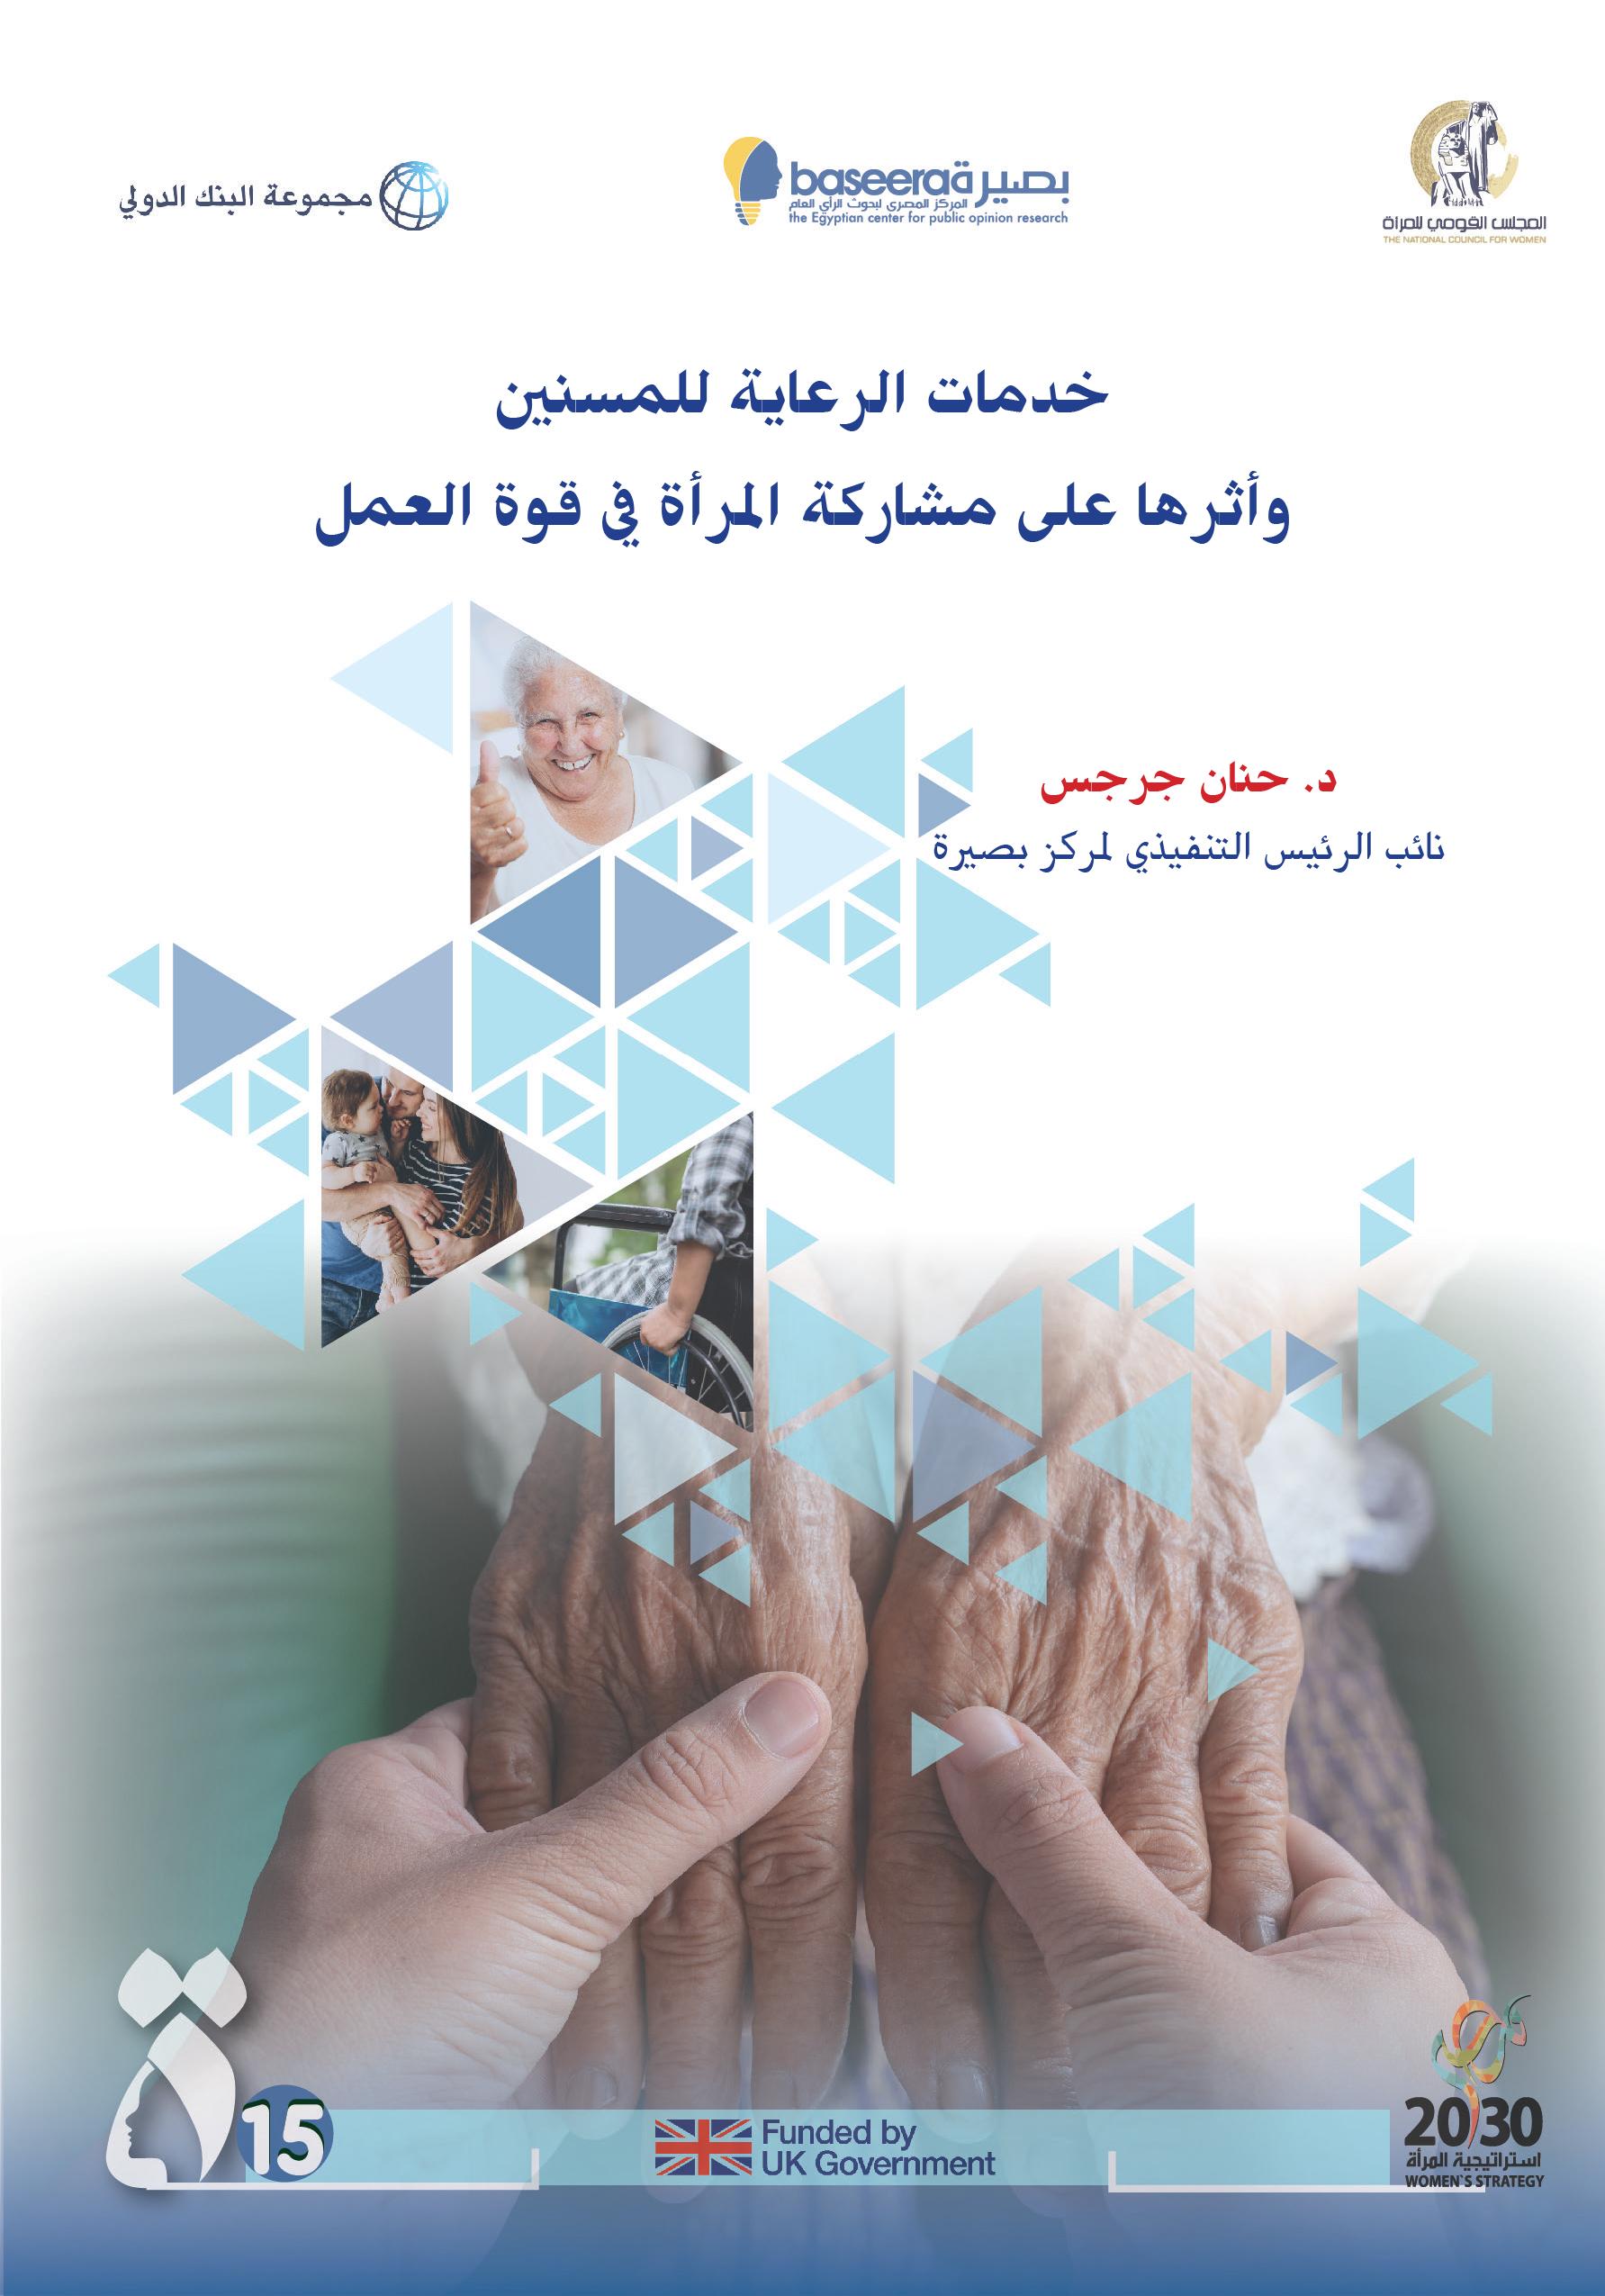 خدمات الرعاية للمسنين وأثرها على مشاركة المرأة فى قوة العمل